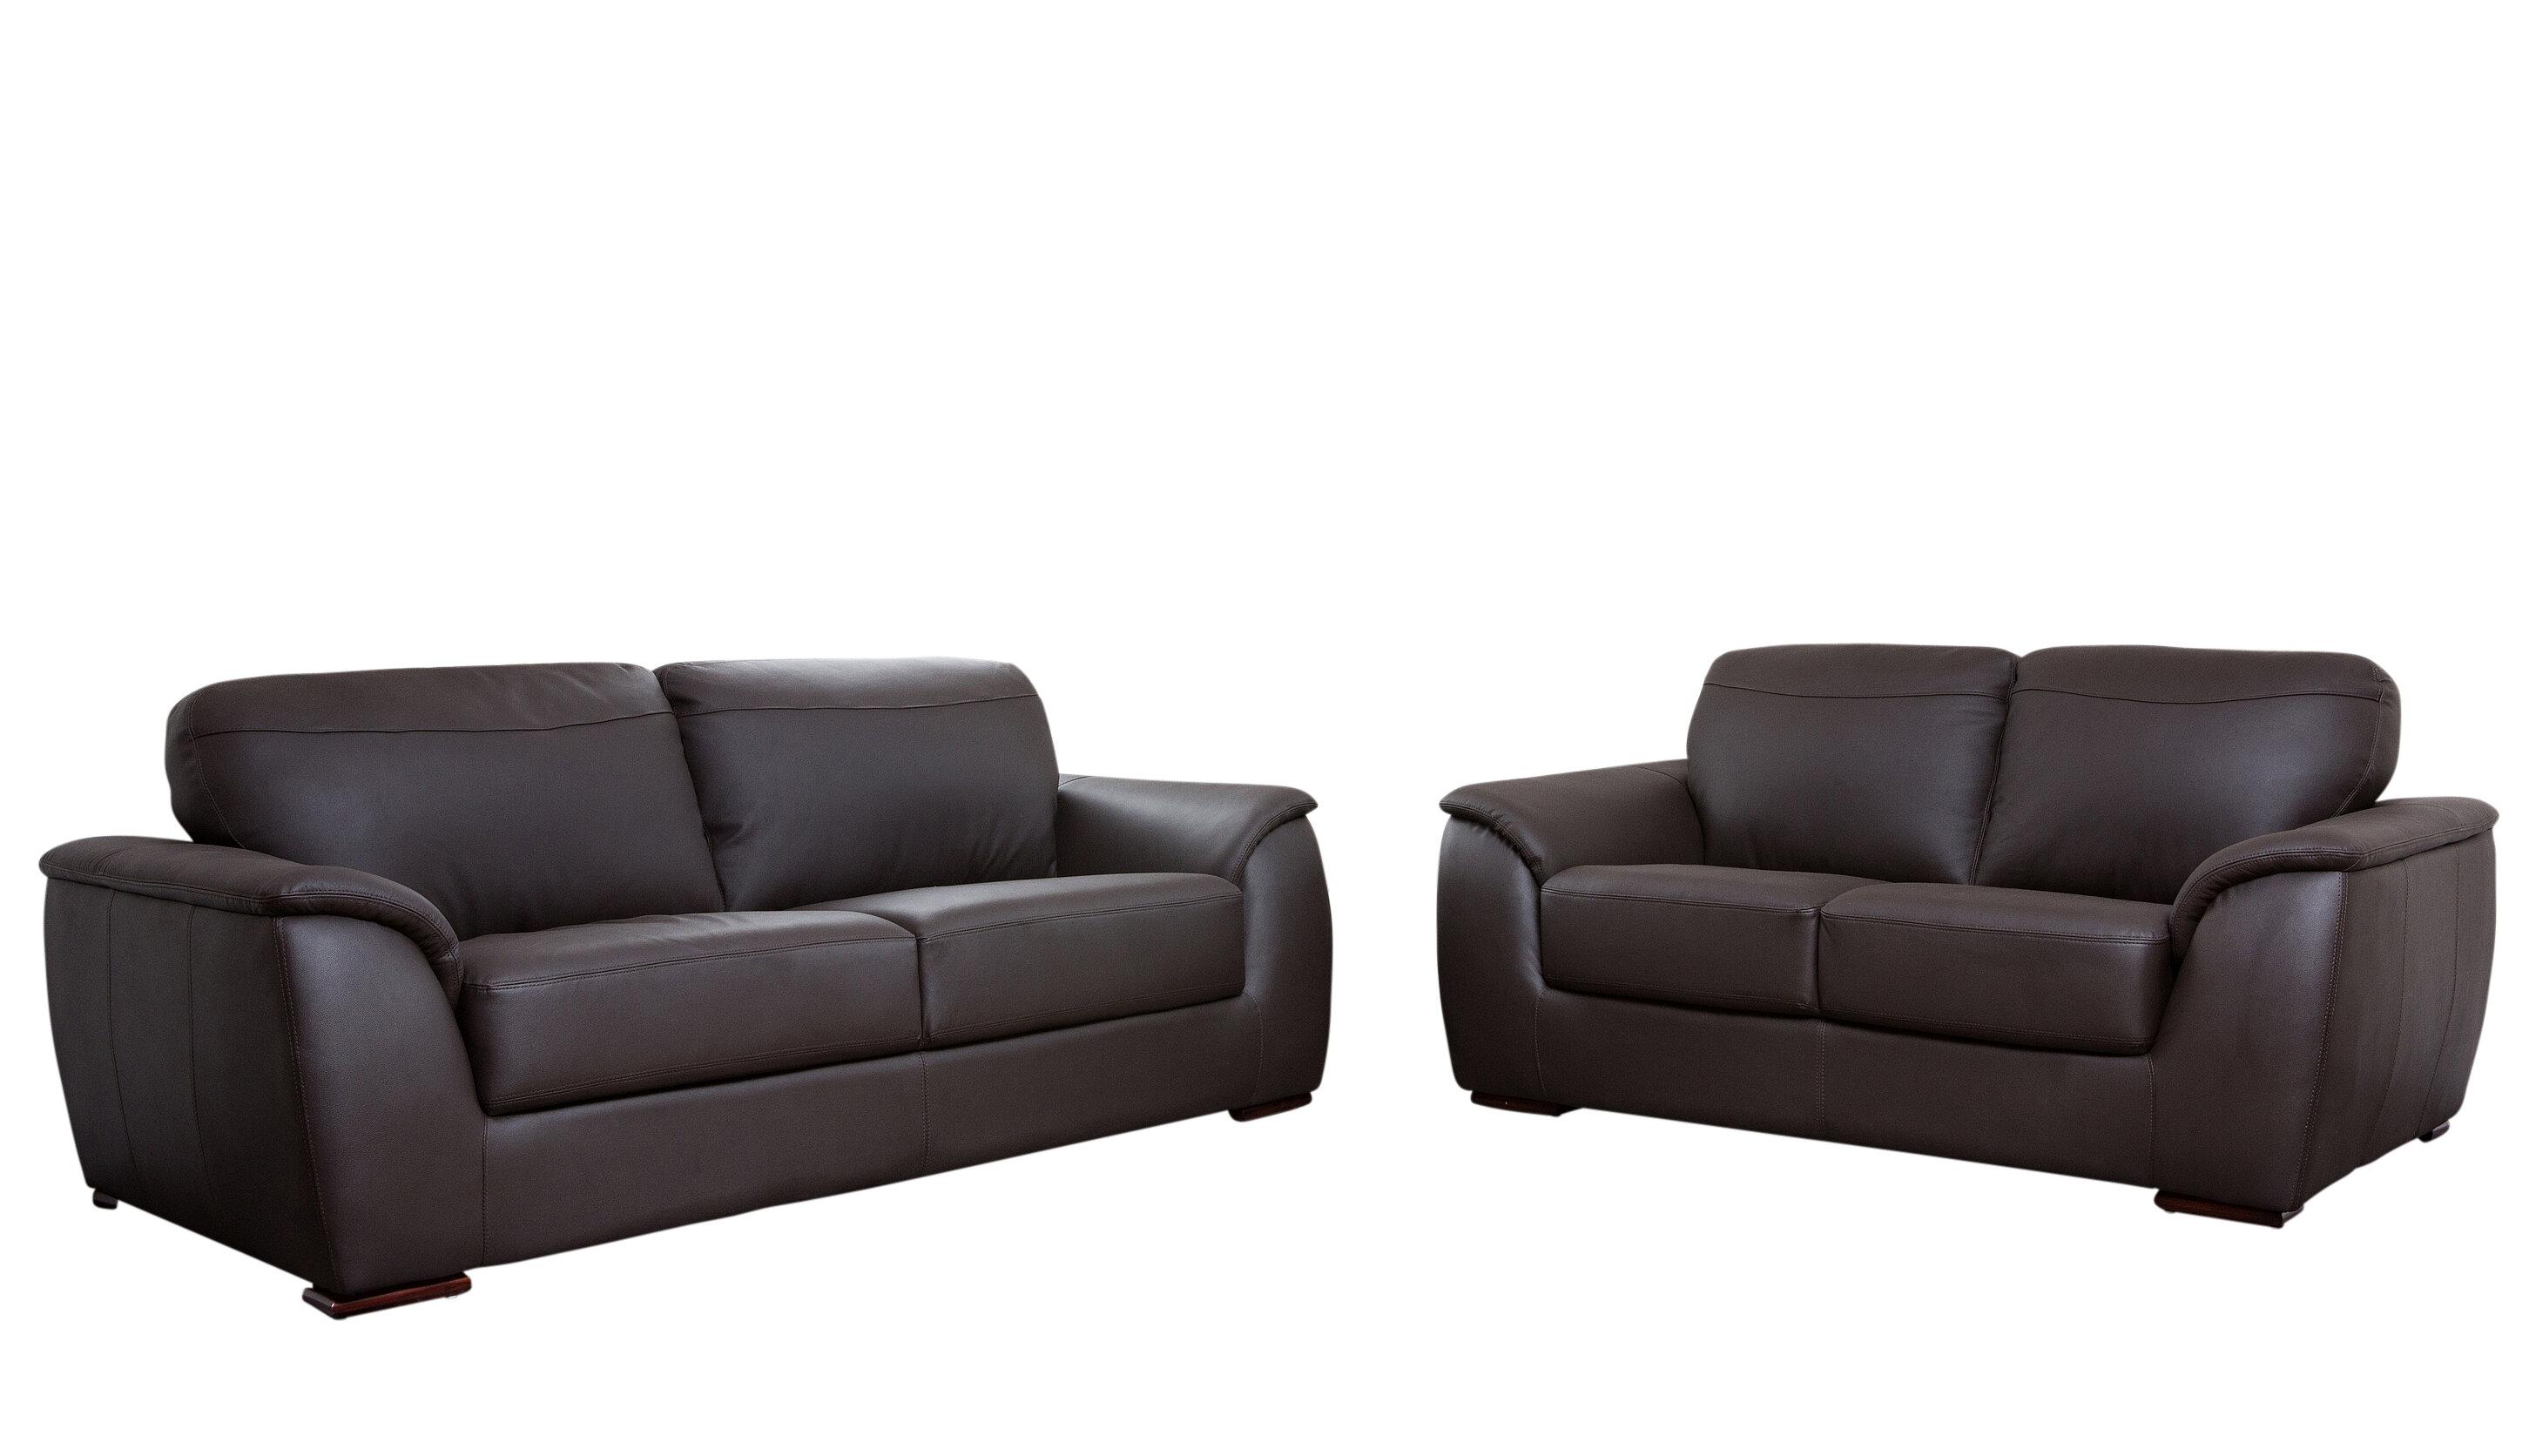 Brayden Studio Voyles 2 Piece Leather Living Room Set | Wayfair